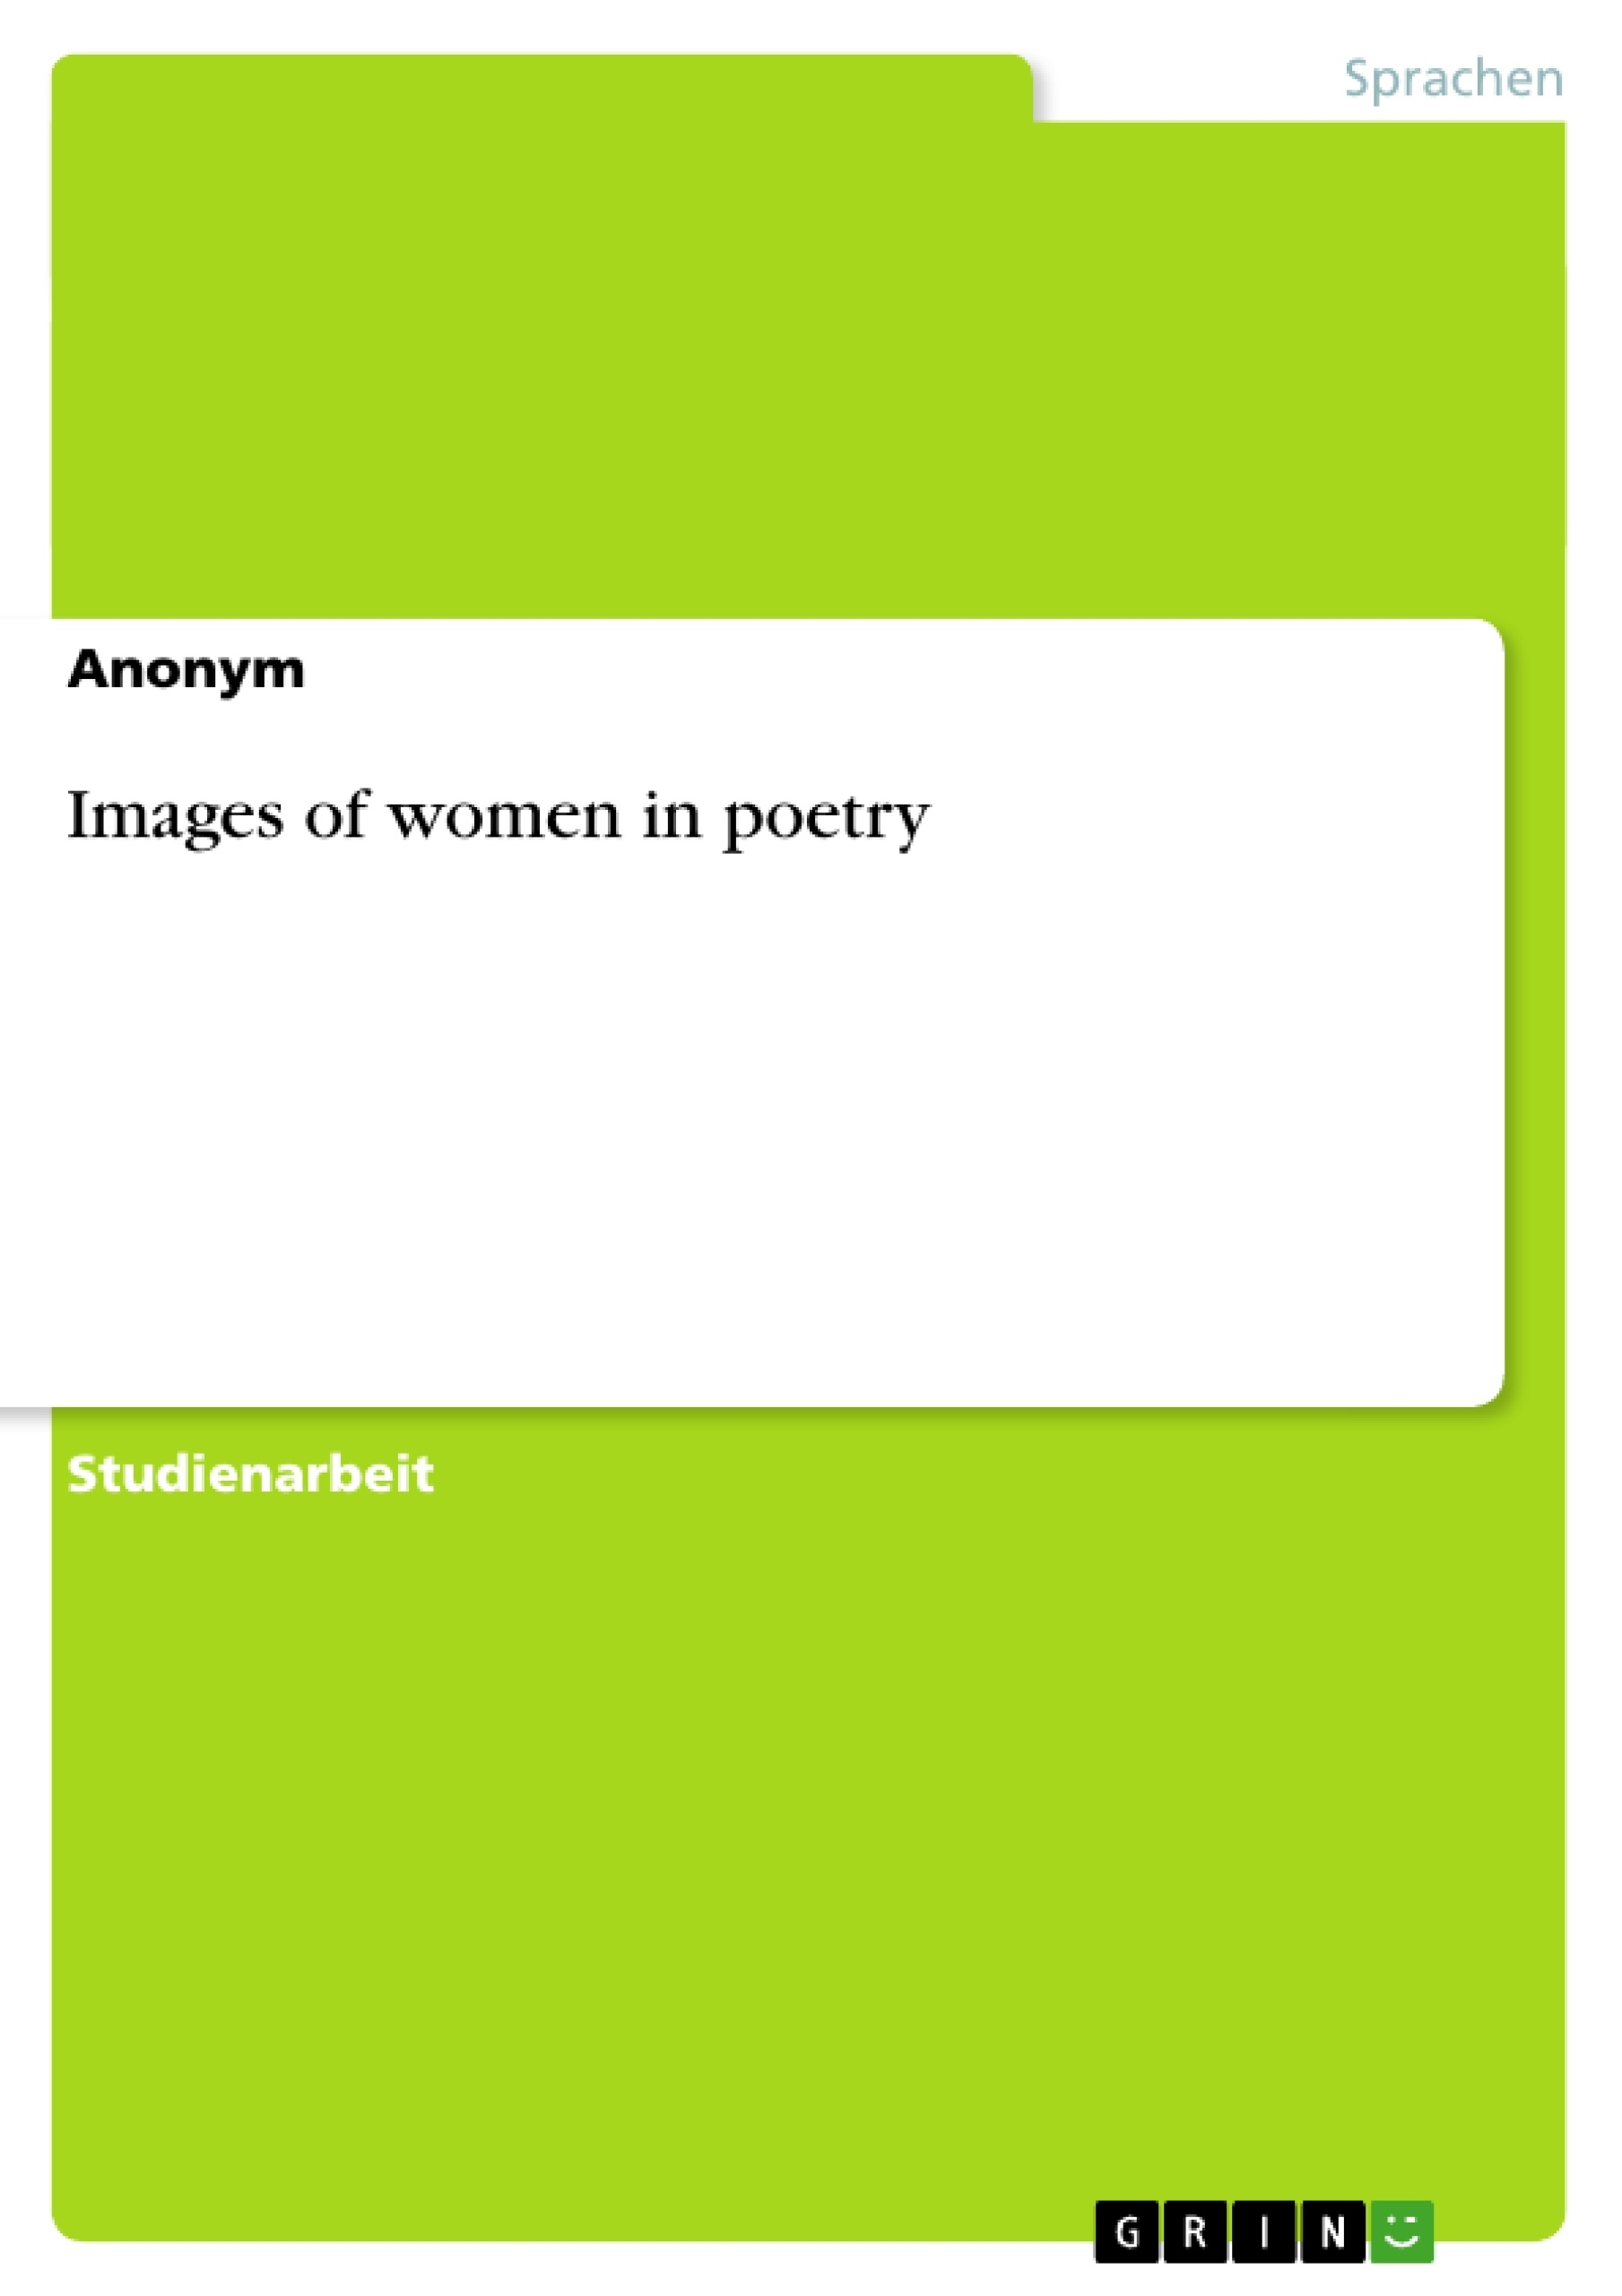 images of women in poetry masterarbeit hausarbeit images of women in poetry masterarbeit hausarbeit bachelorarbeit veroumlffentlichen